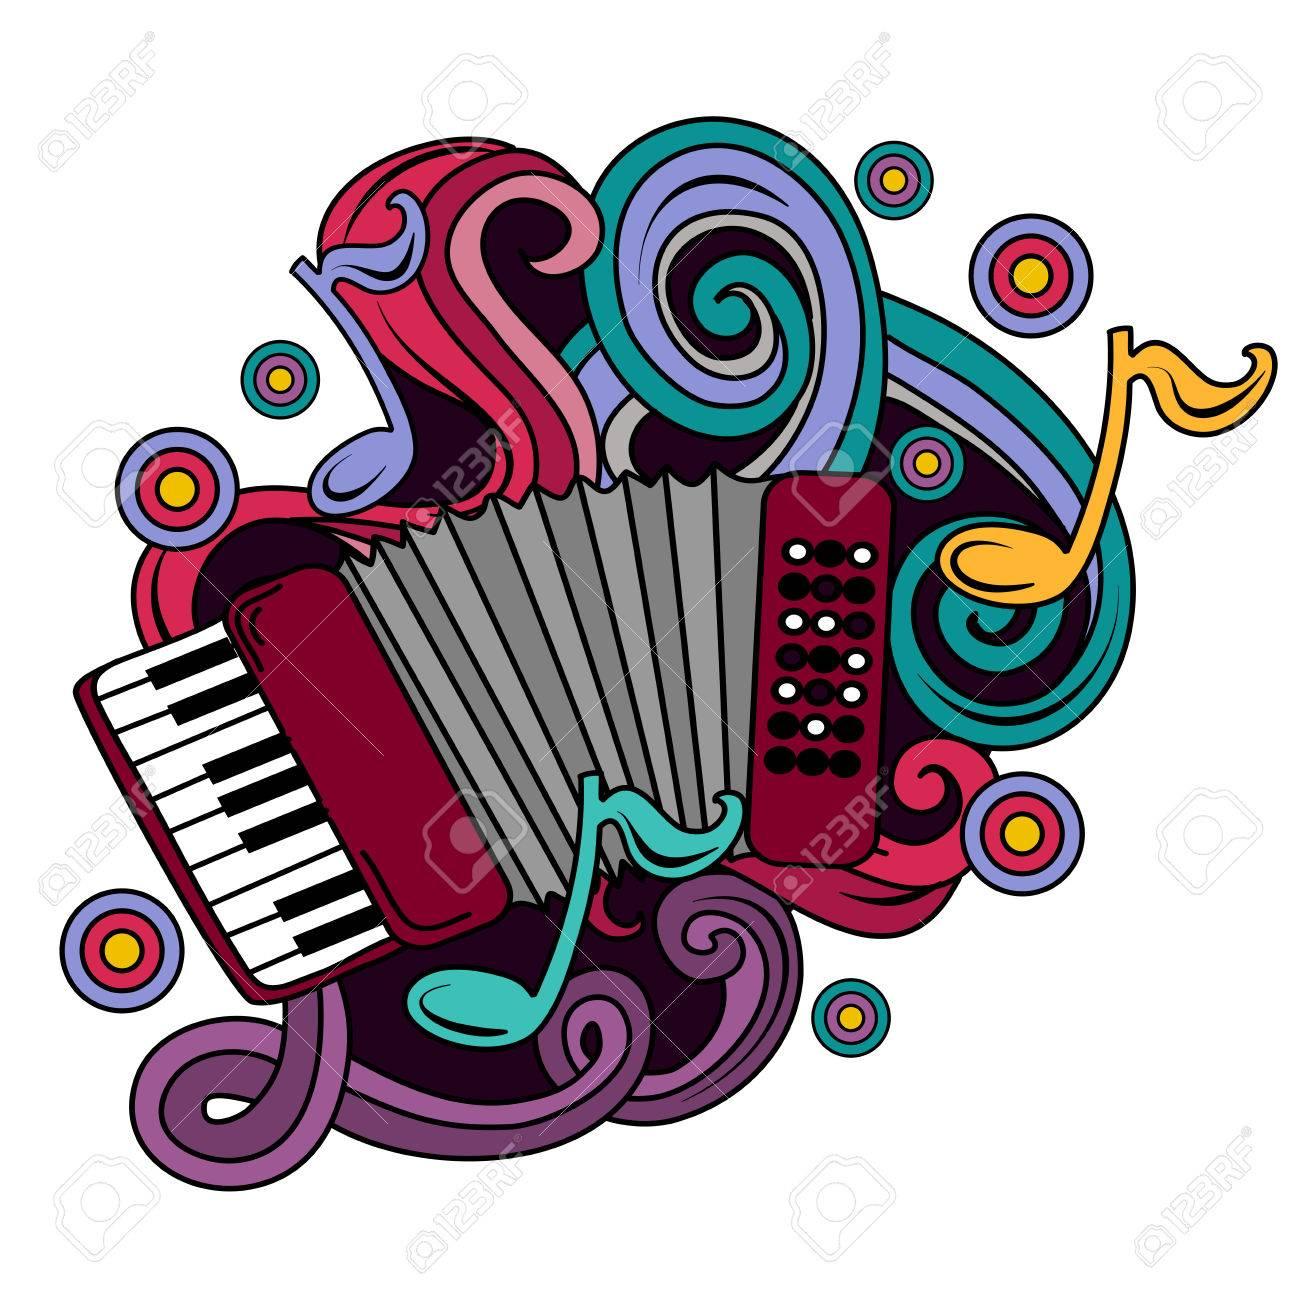 Garabatos Dibujado A Mano Ilustración De Dibujos Animados Musical ...